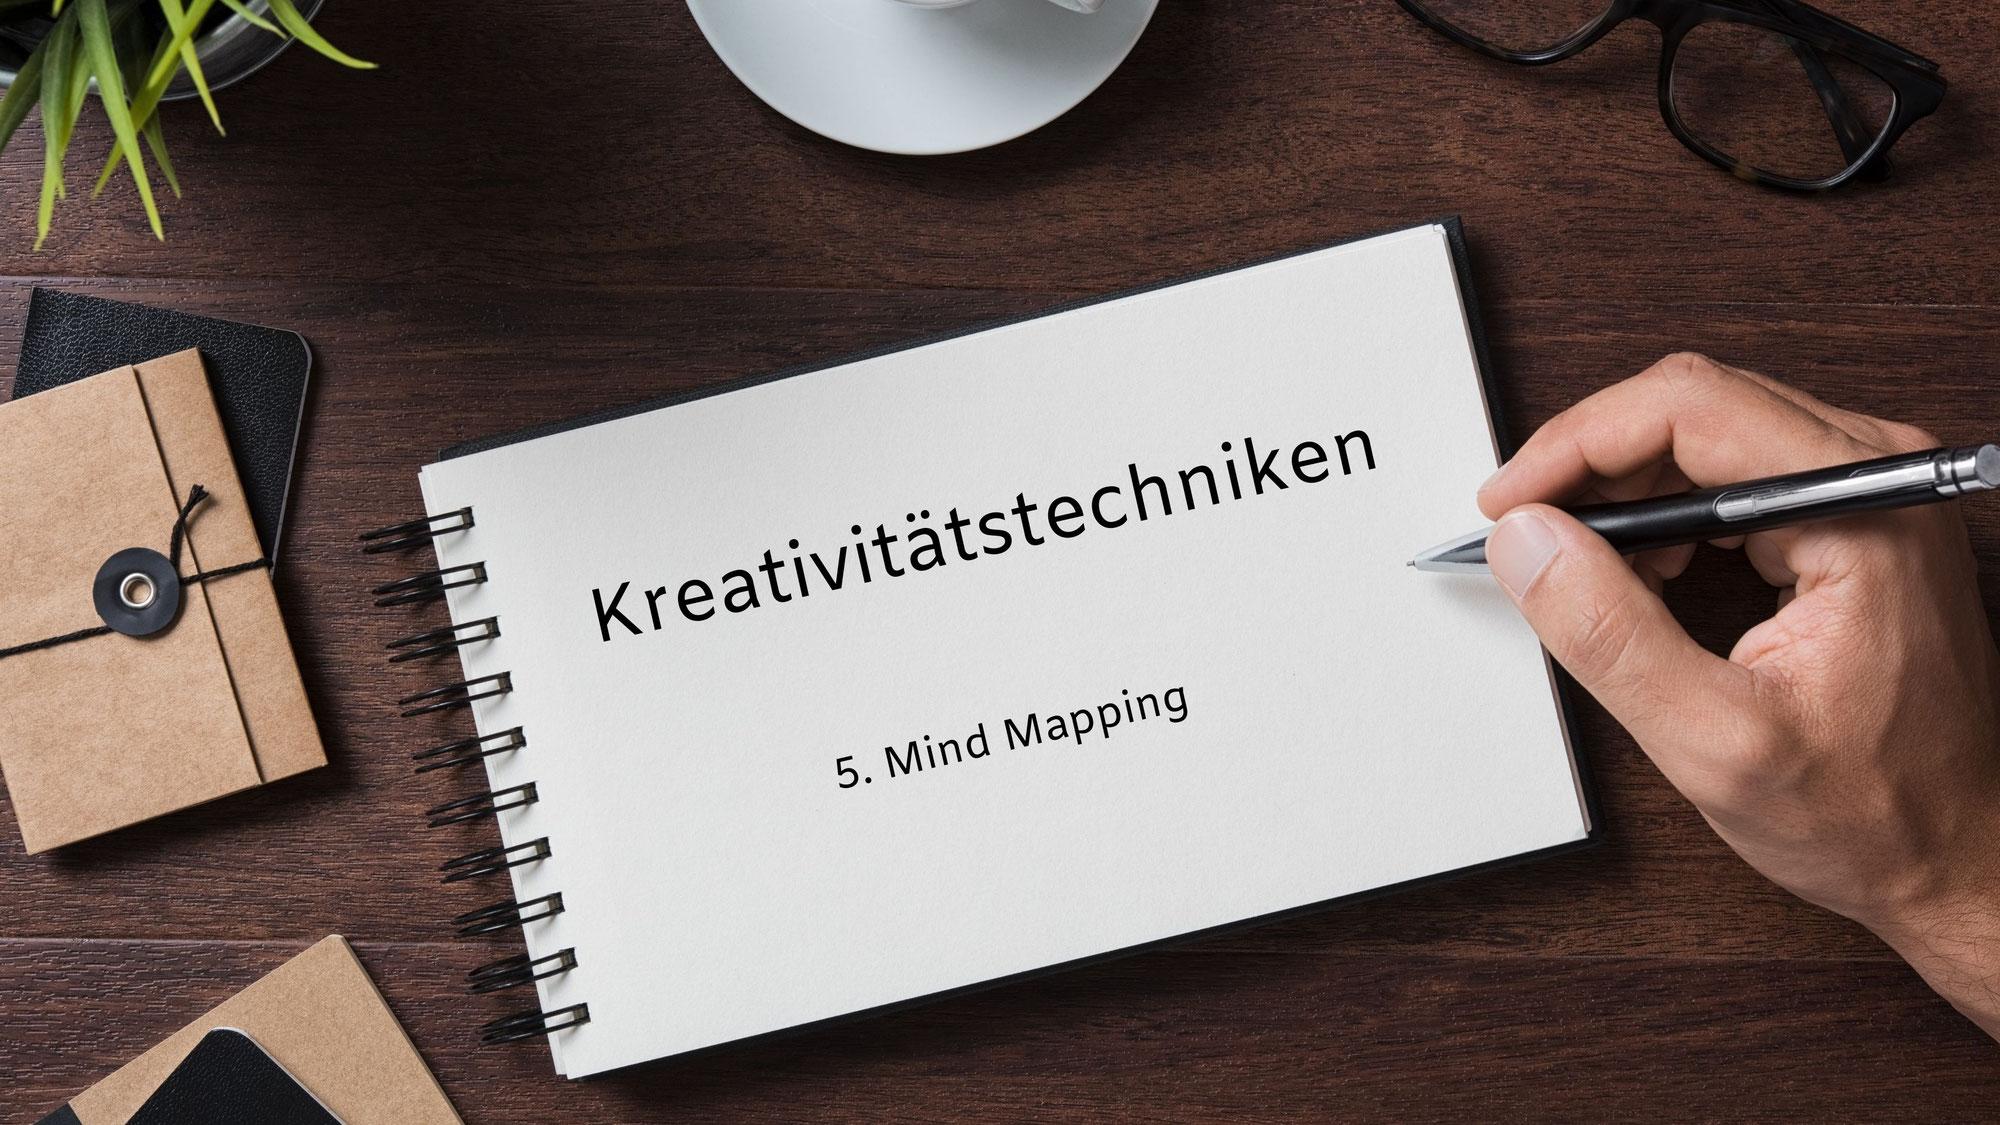 Kreativitätstechniken: 5. Mind Mapping